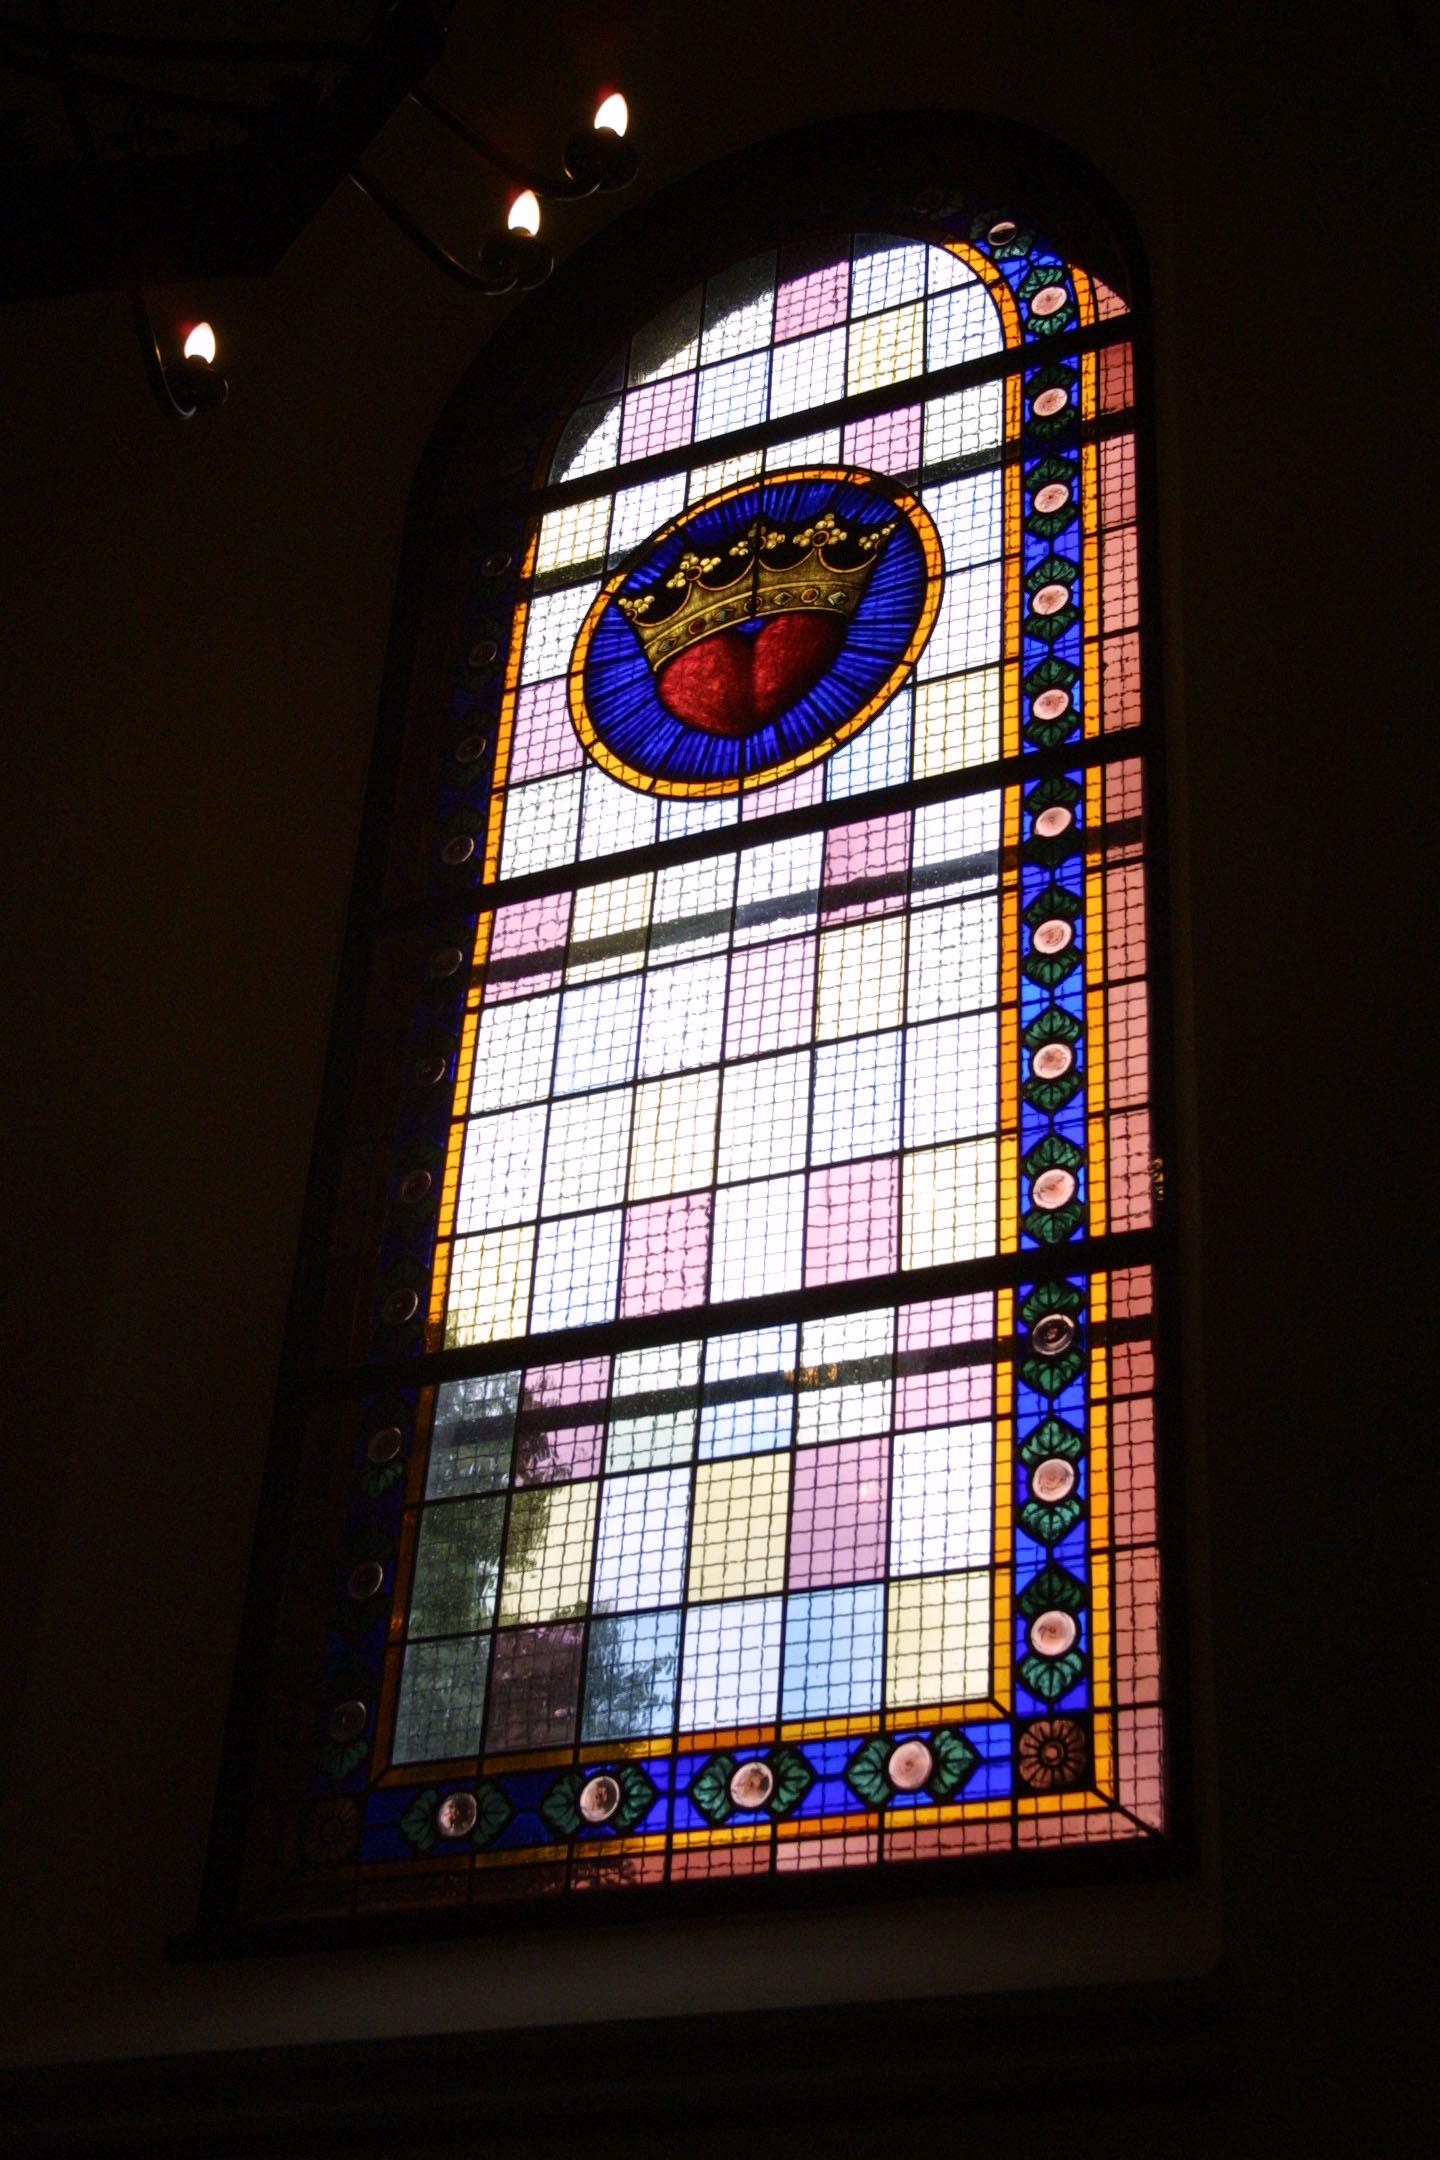 Kirchenfenster der Kirche St. Marien am Behnitz, Entwurf & Ausführung